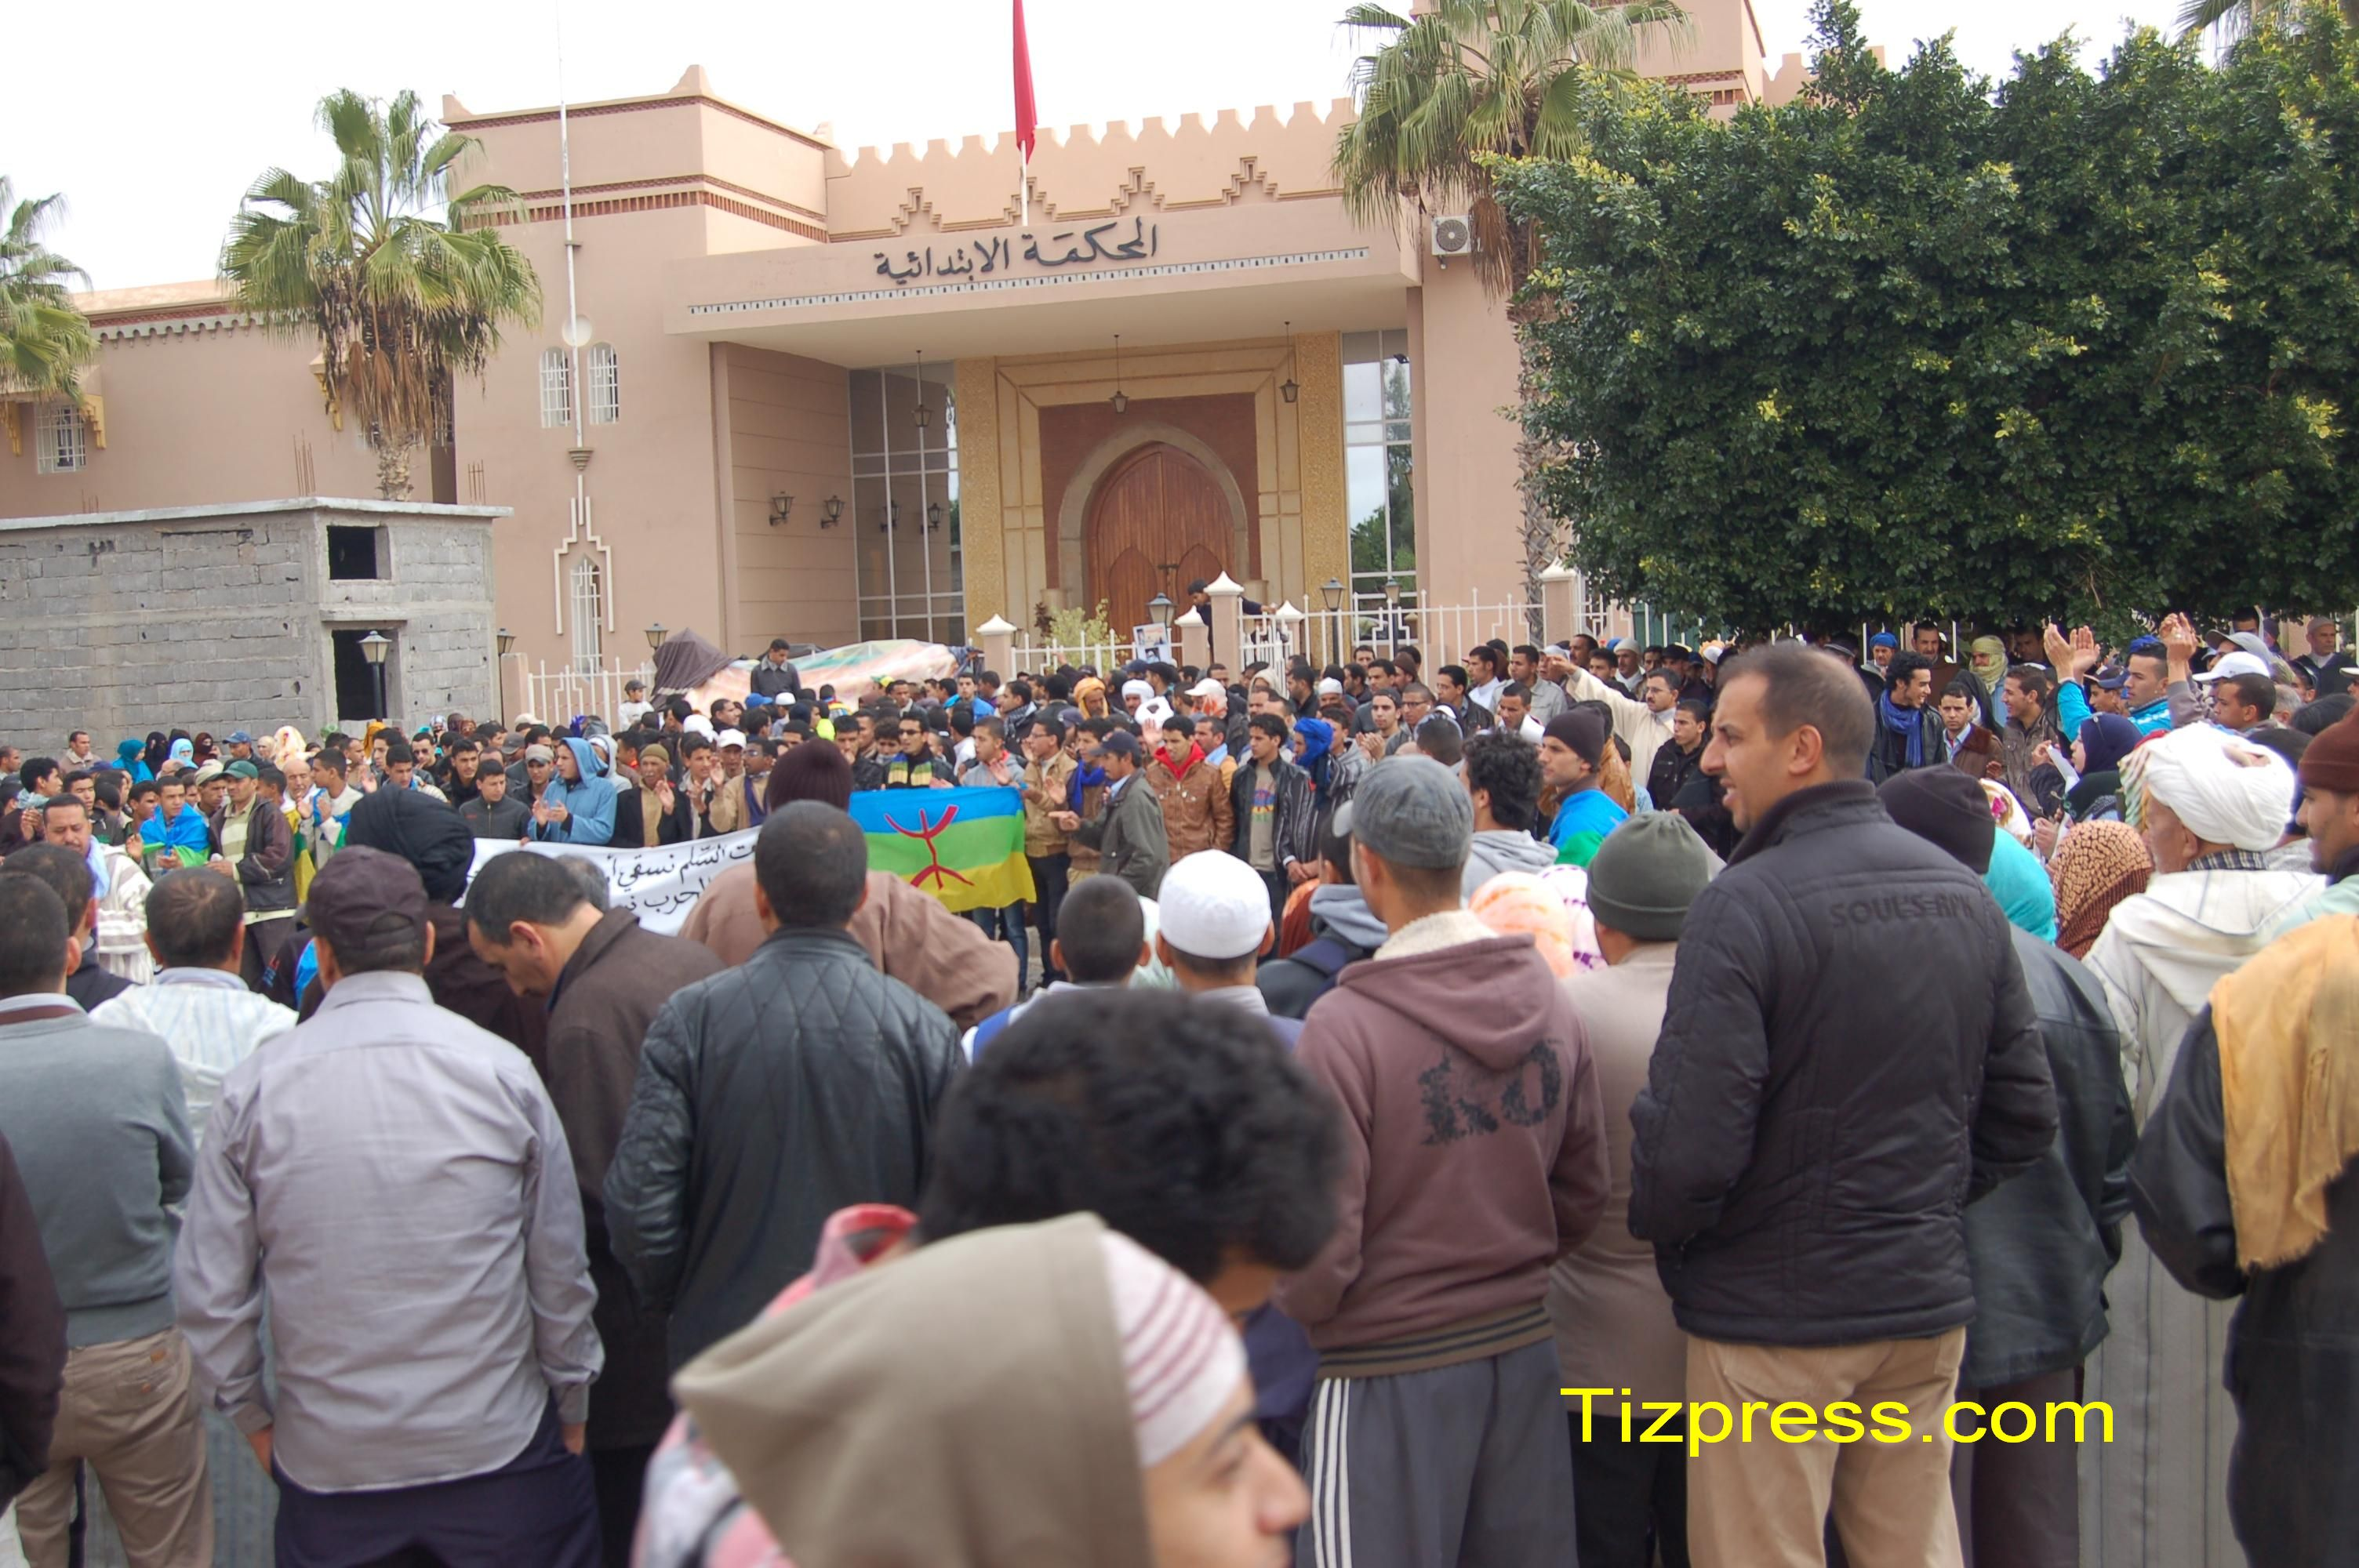 """قافلة """"الكرامة"""" من كل مناطق الجنوب في اتجاه الرباط للاحتجاج على عصابات شهود الزور ومافيا العقار"""